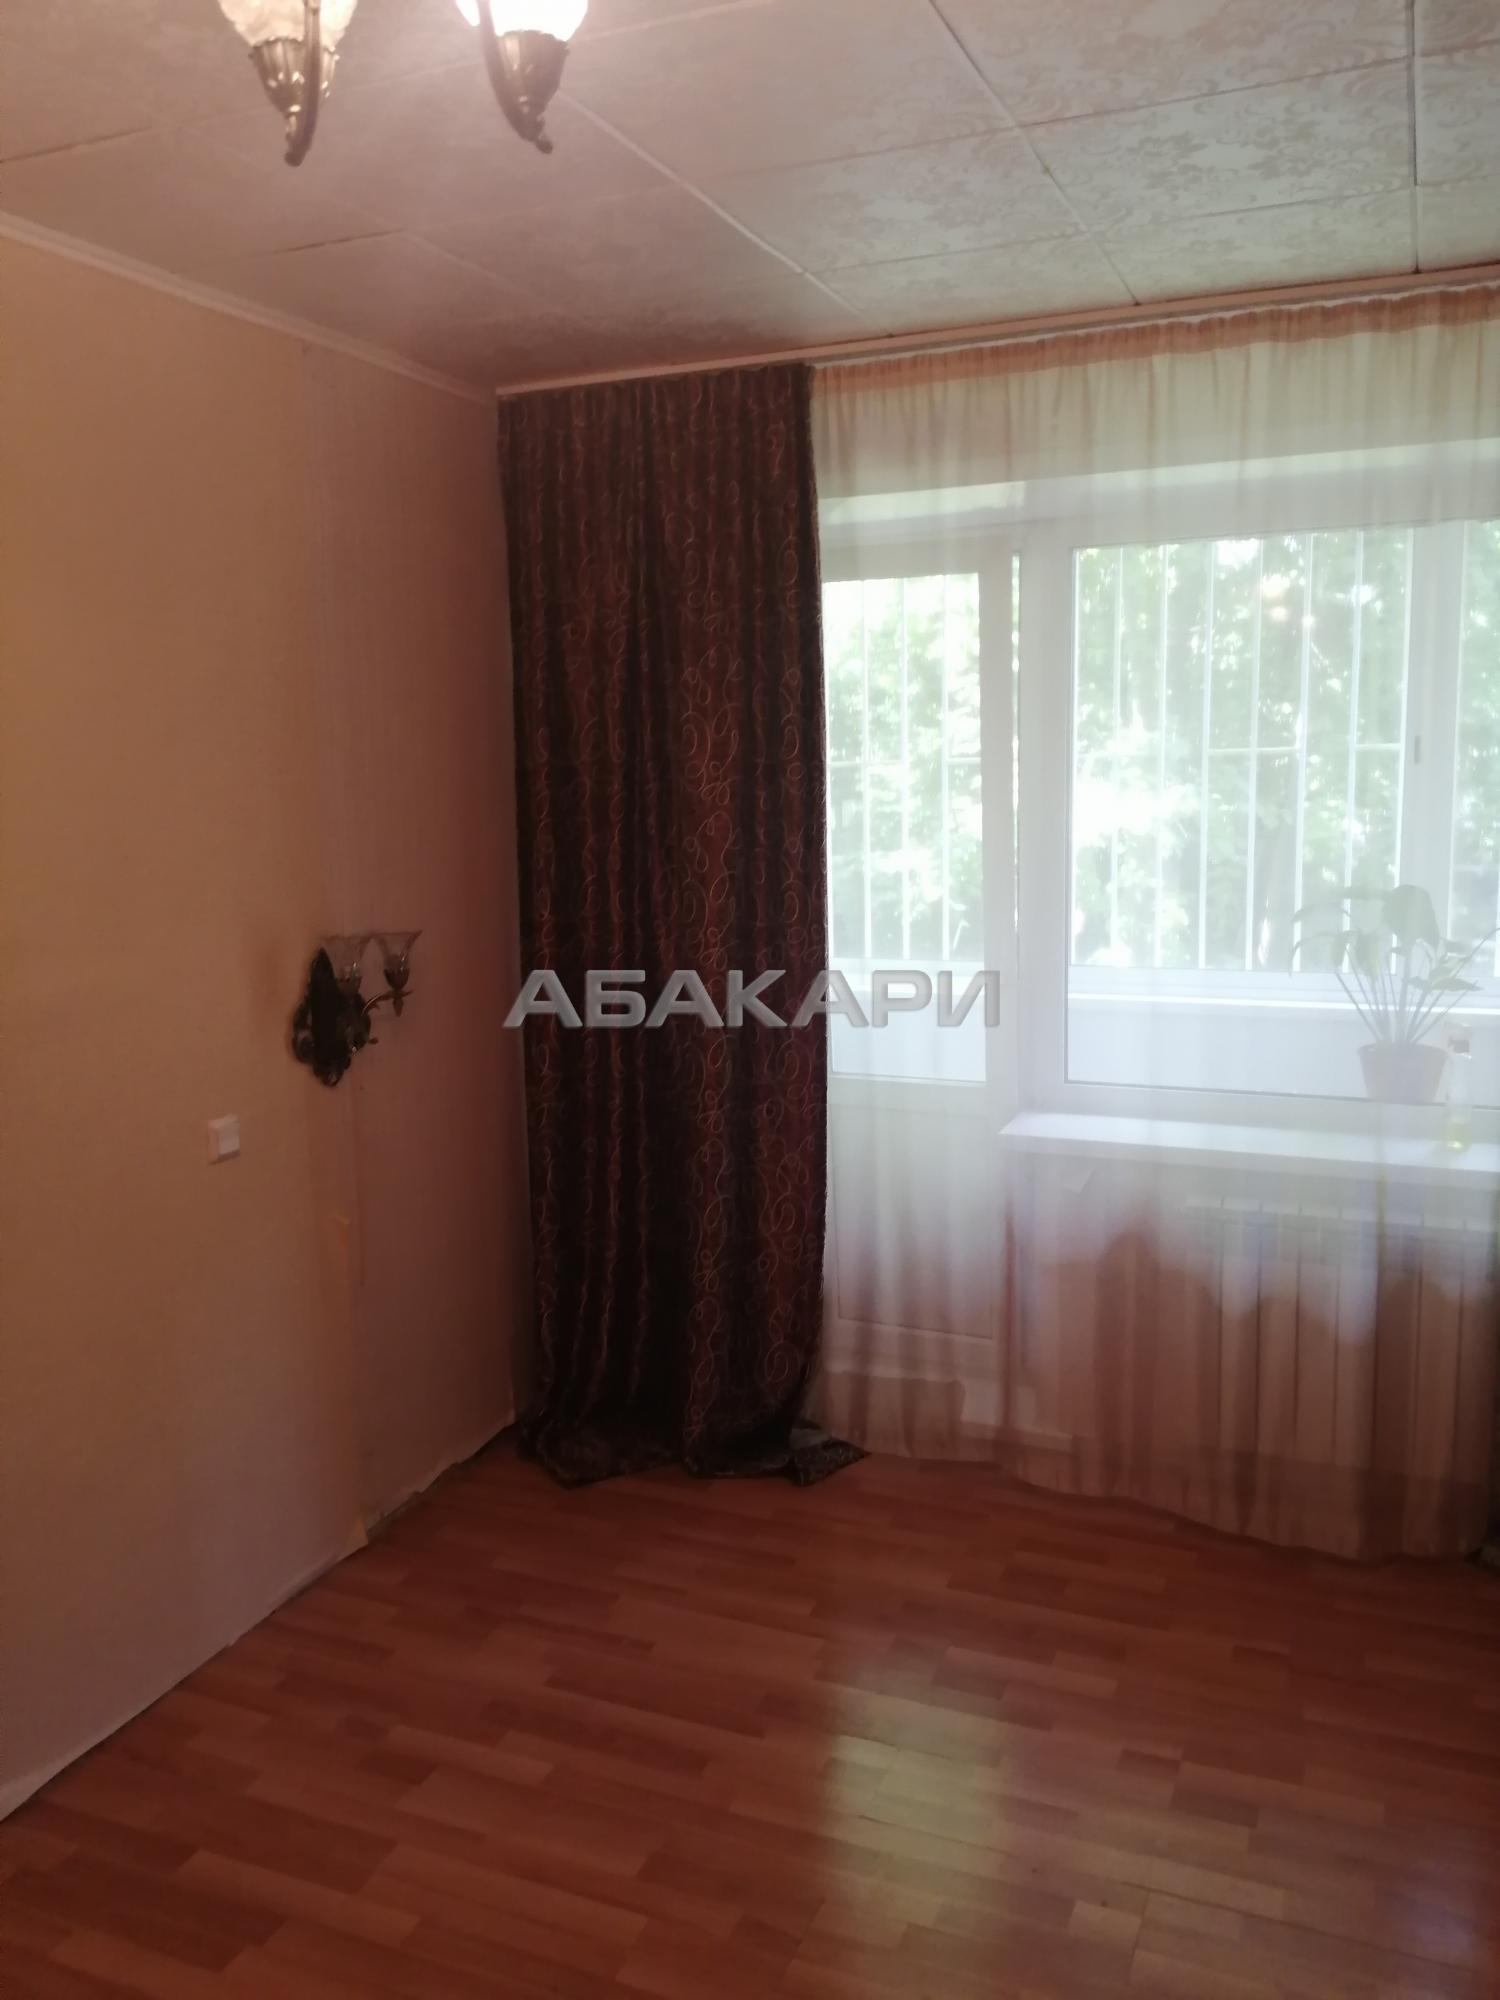 1к квартира улица Корнеева, 48 | 15000 | аренда в Красноярске фото 0